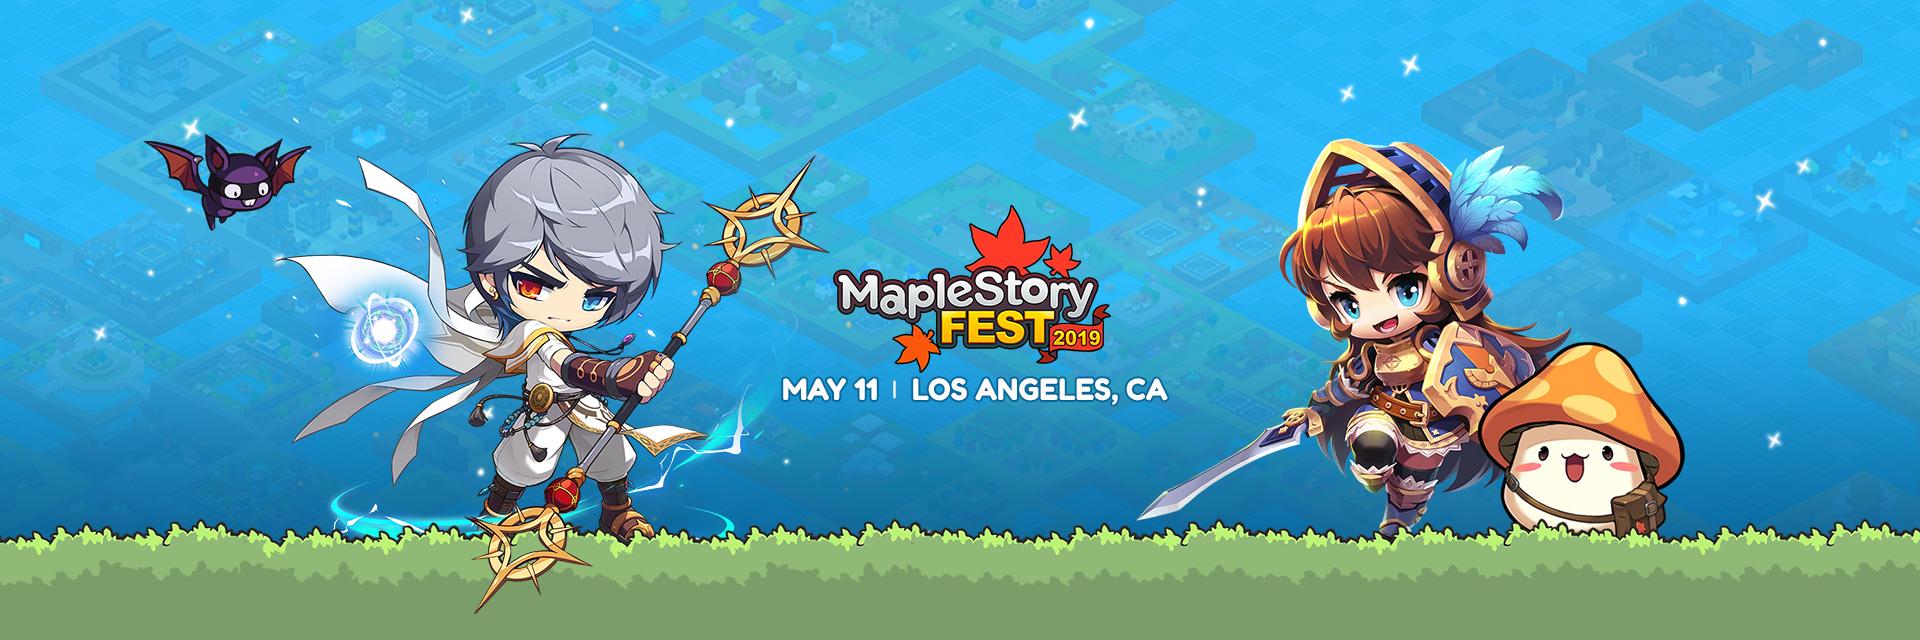 MapleStory Fest | Official MapleStory Website